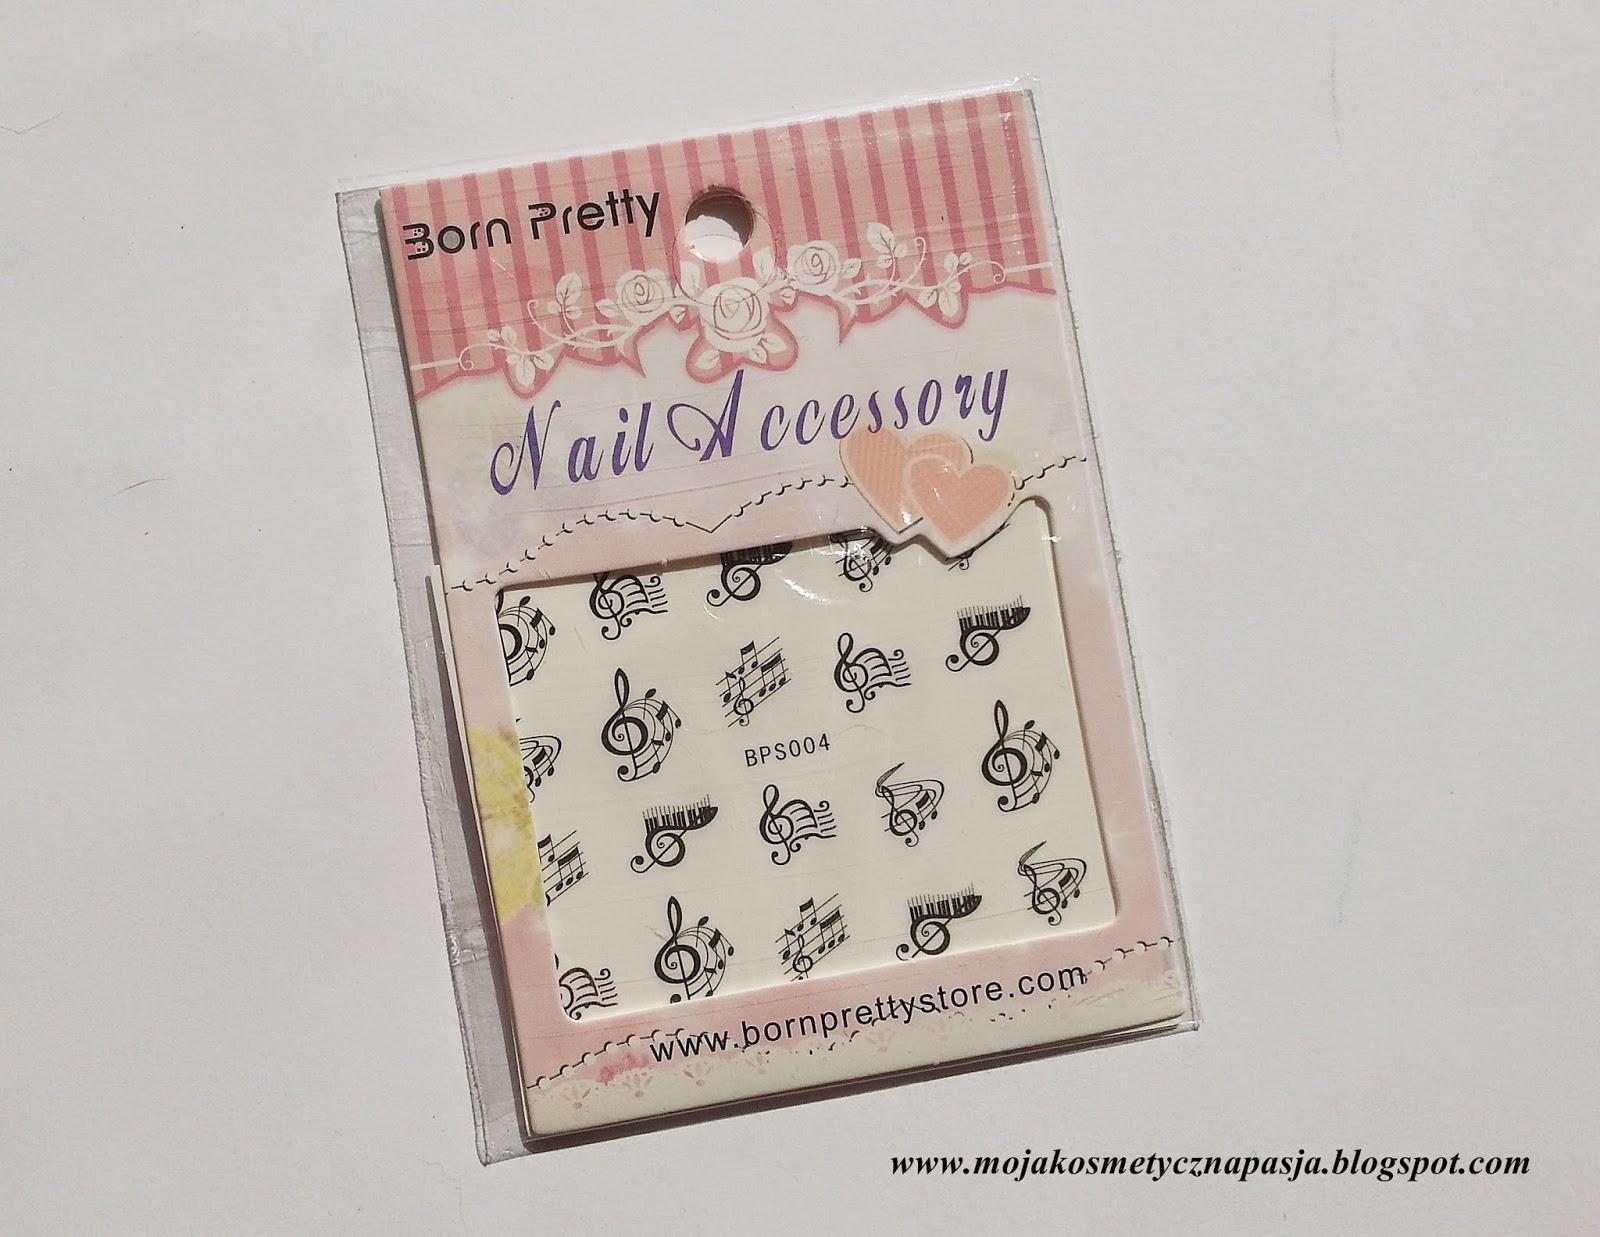 Born Pretty Store- stylizacja z wykorzystaniem naklejek wodnych